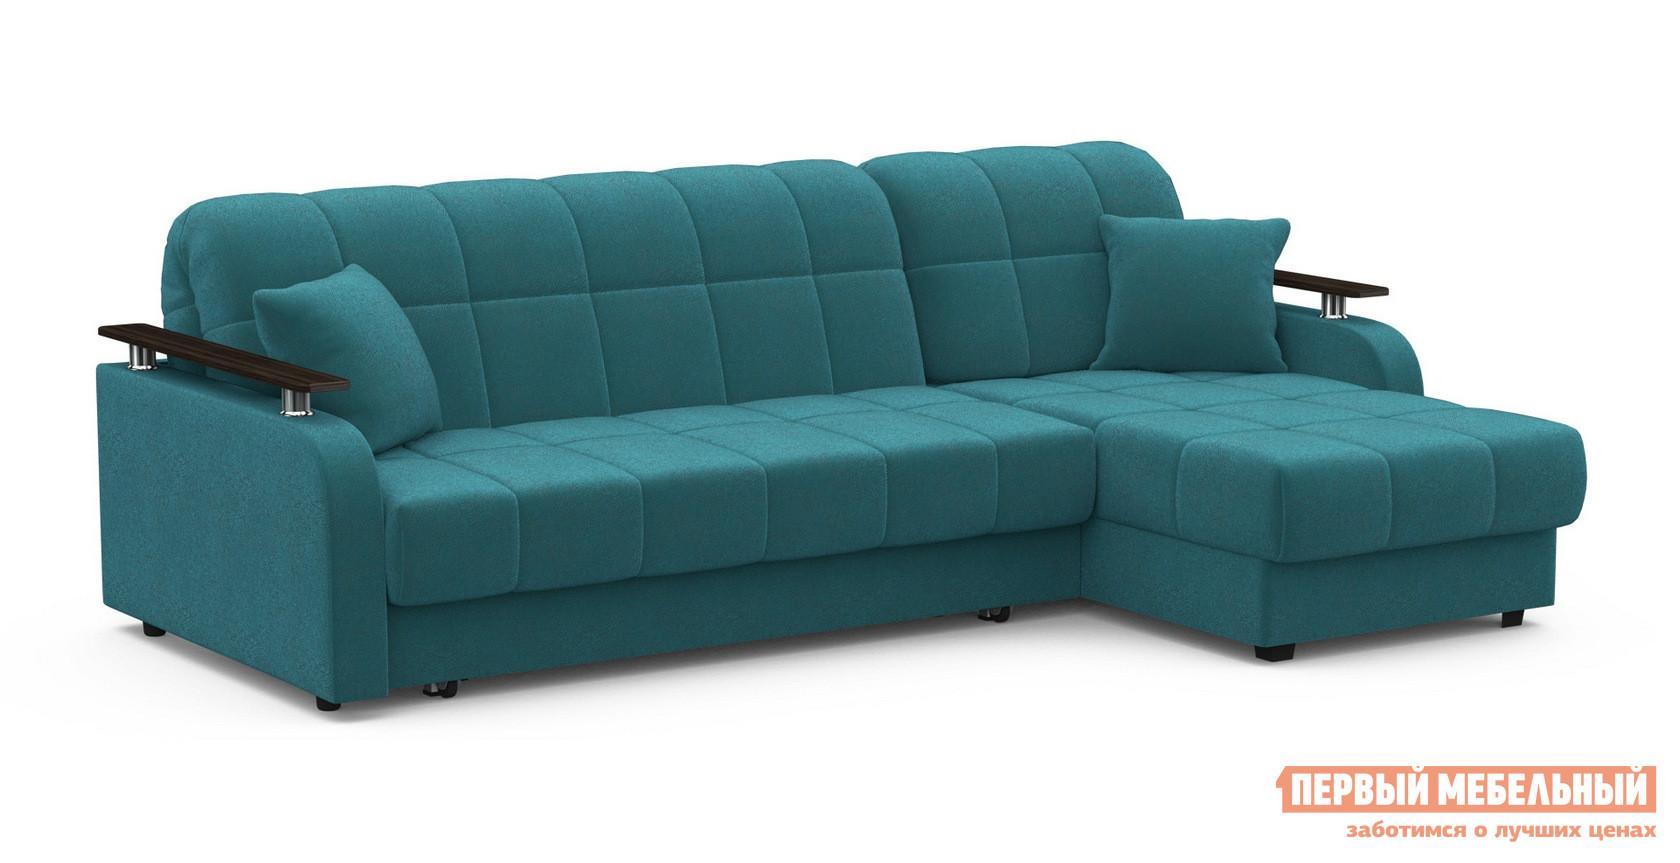 Угловой диван Живые диваны Карина угловой универсал 044